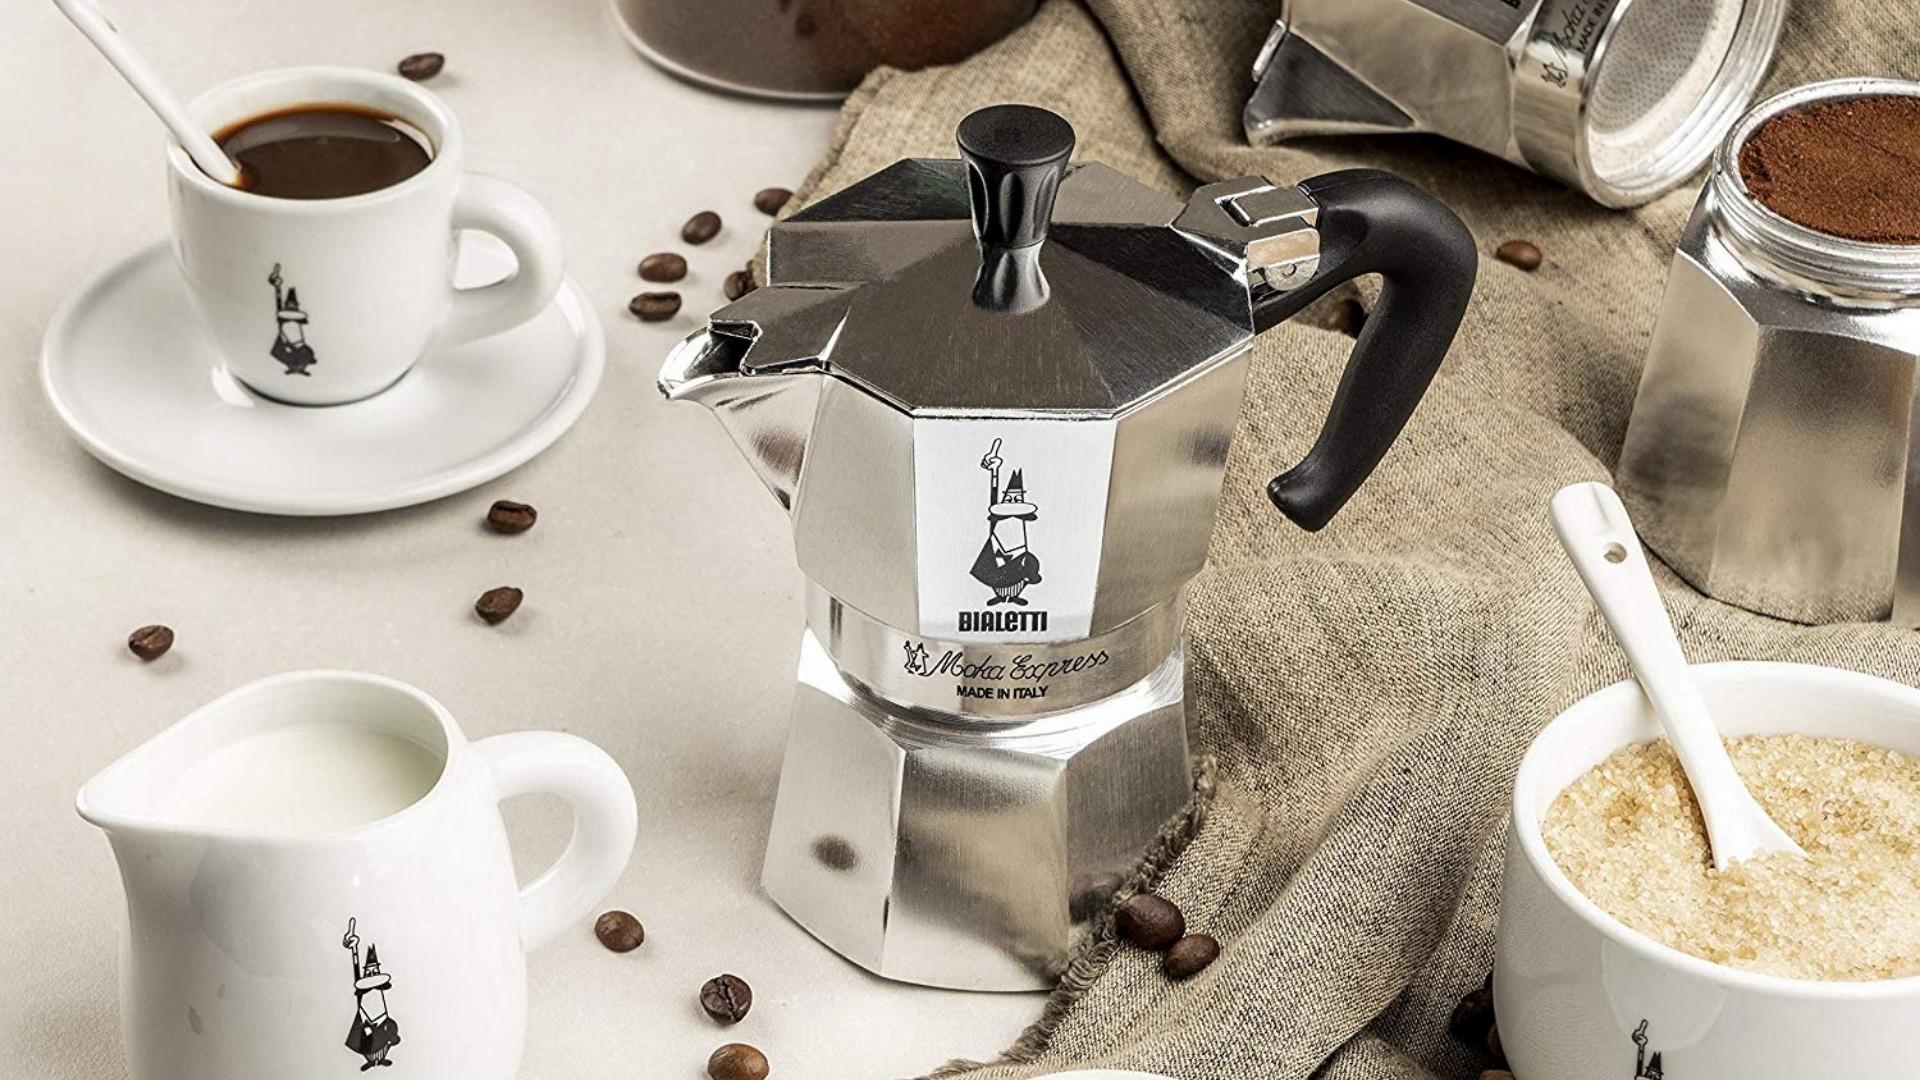 Sử dụng và bảo quản ấm pha cafe Bialetti như thế nào cho đúng cách?